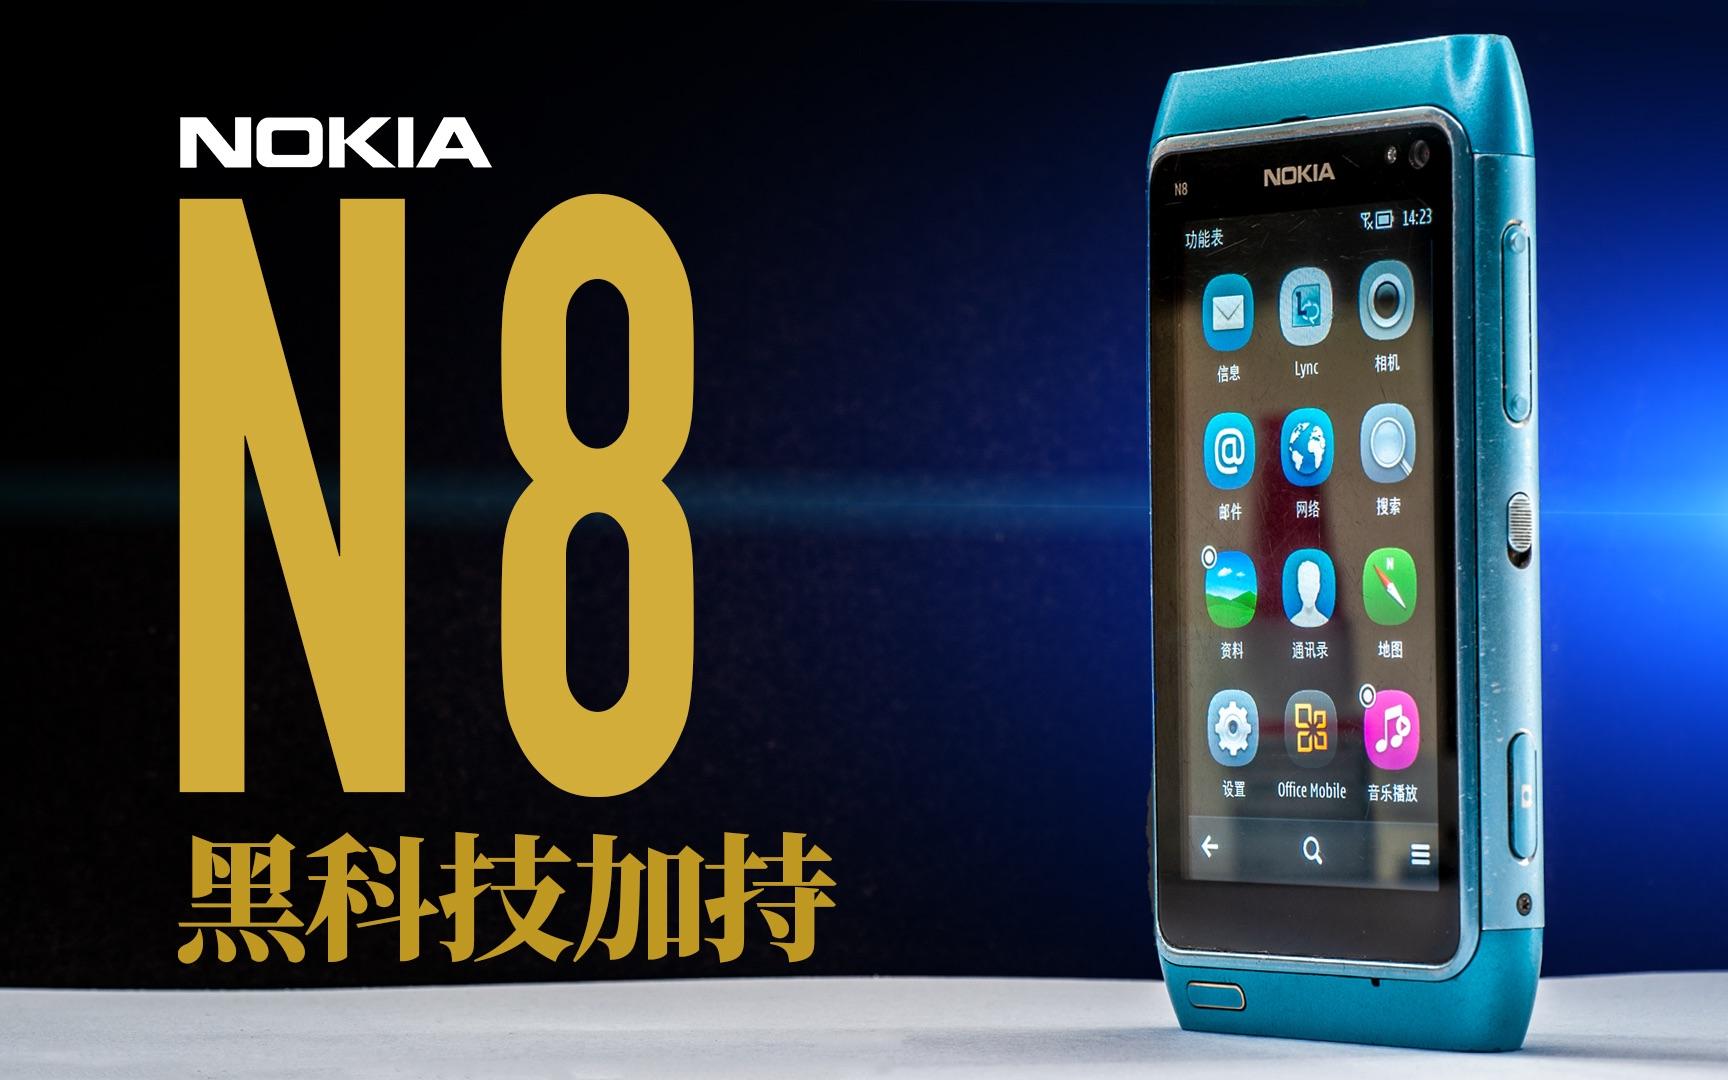 诺基亚N8, 内部竟然有这么多黑科技? 难怪当年旗舰手机, 拆开看看